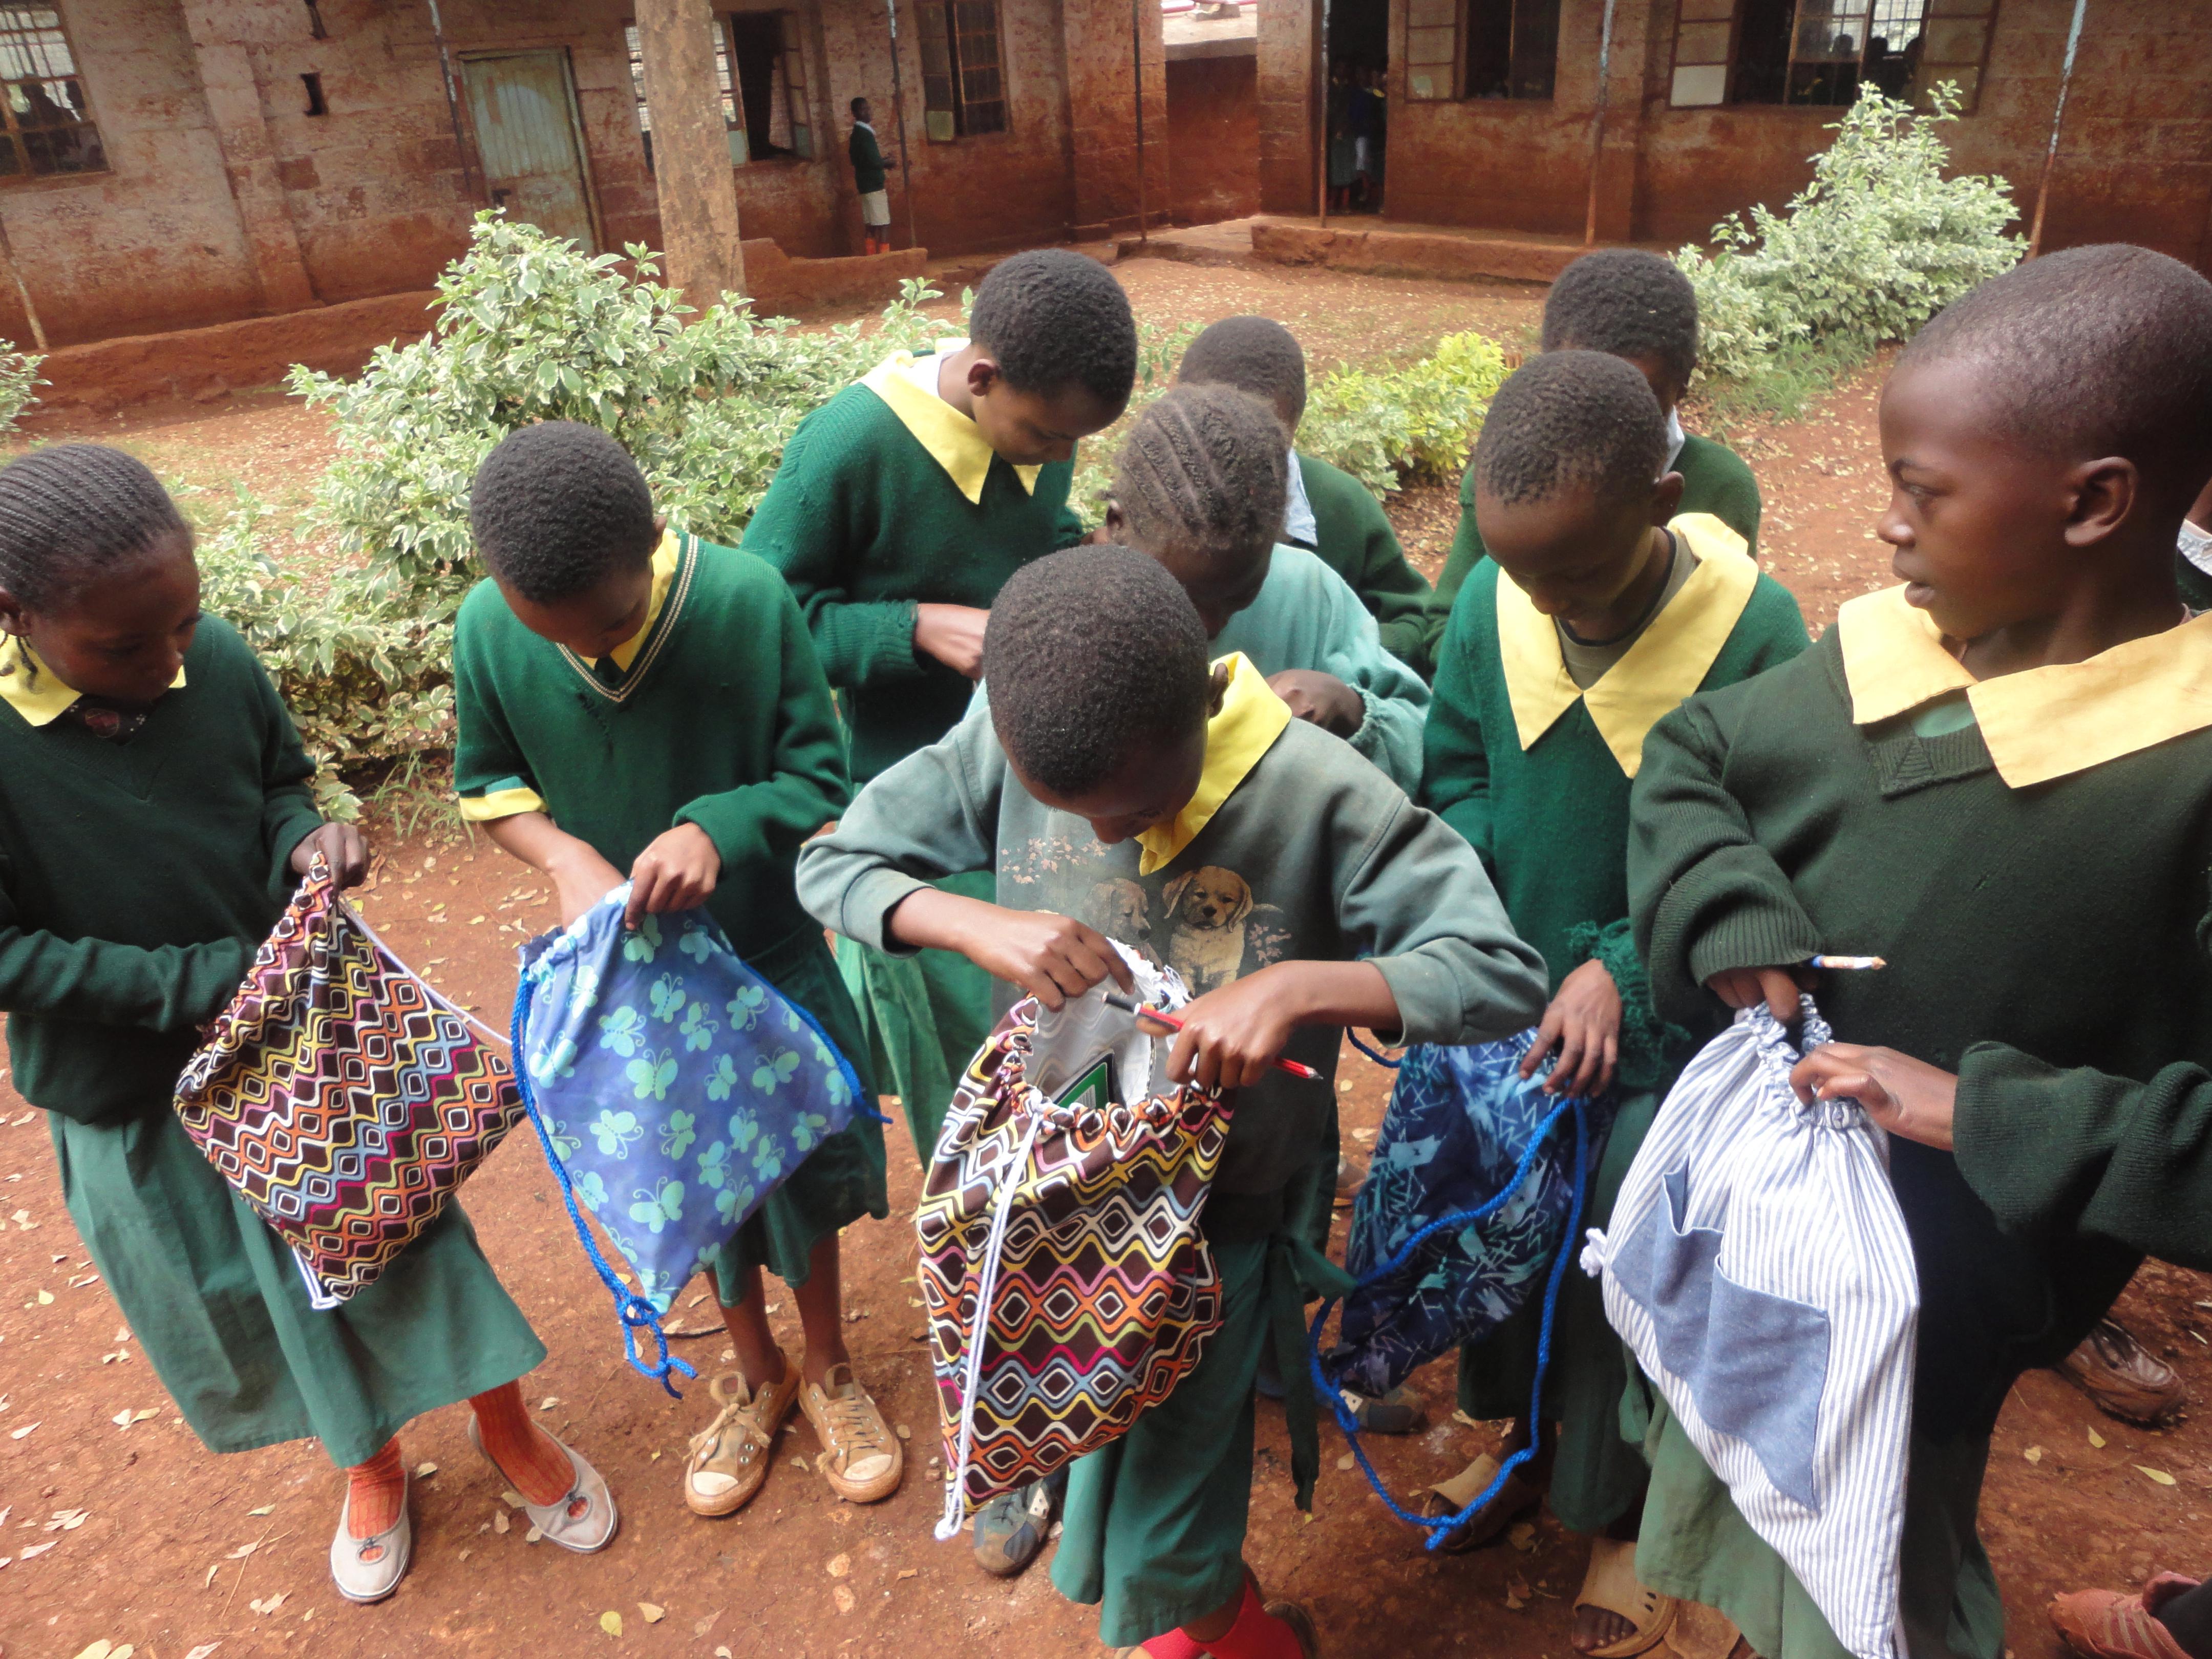 Book bag distribution in Kenya